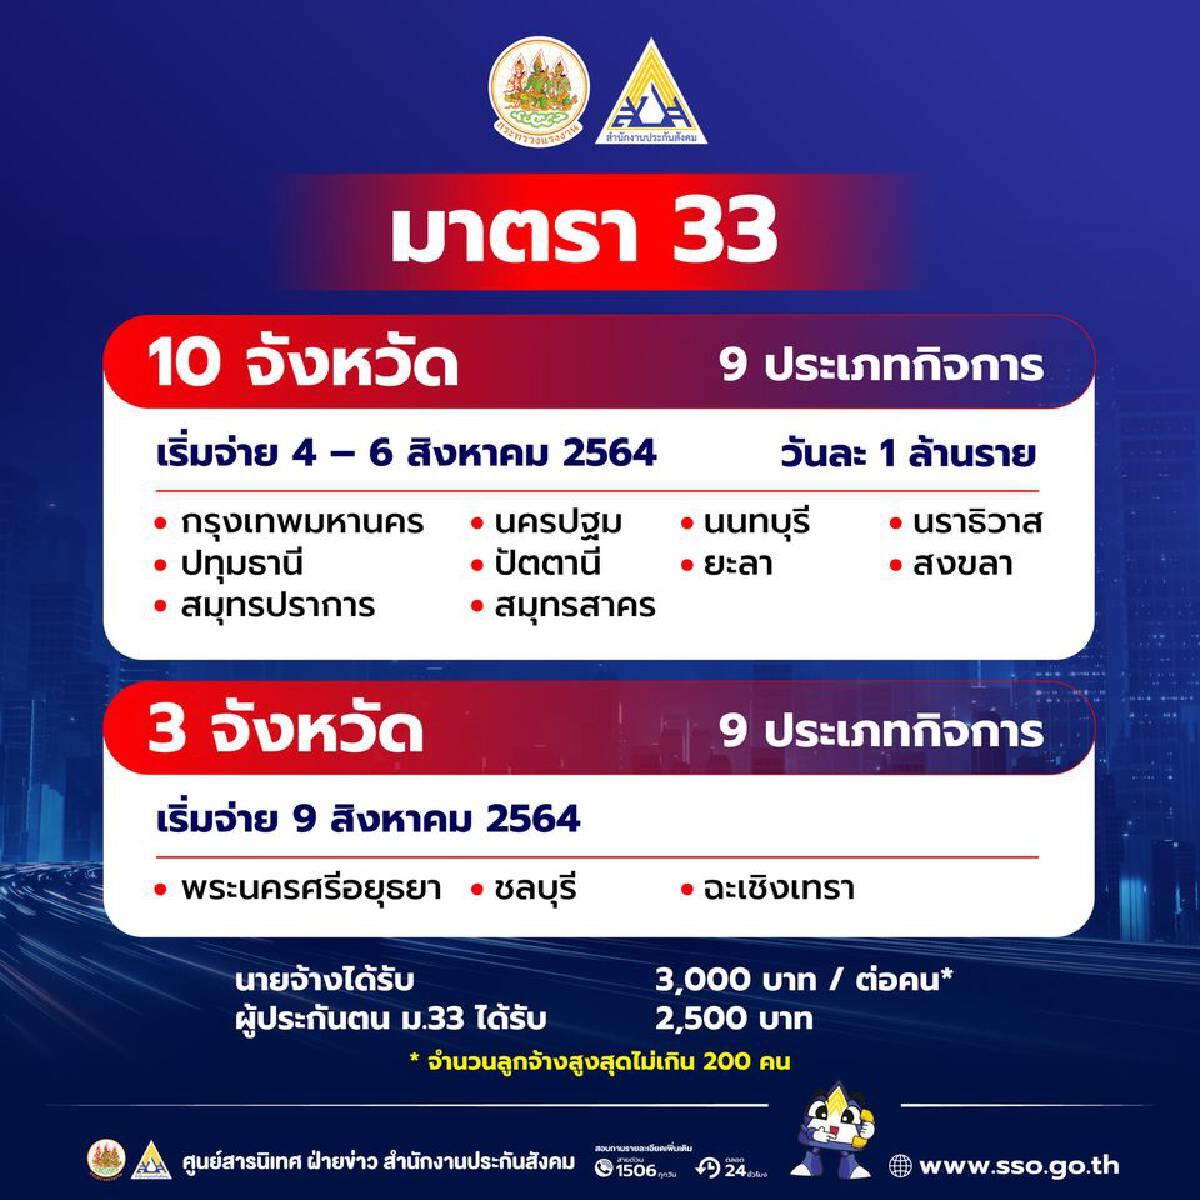 เช็คสิทธิประกันสังคมมาตรา 33 วันสุดท้ายโอนเงินตามลำดับเลขบัตรประชาชน